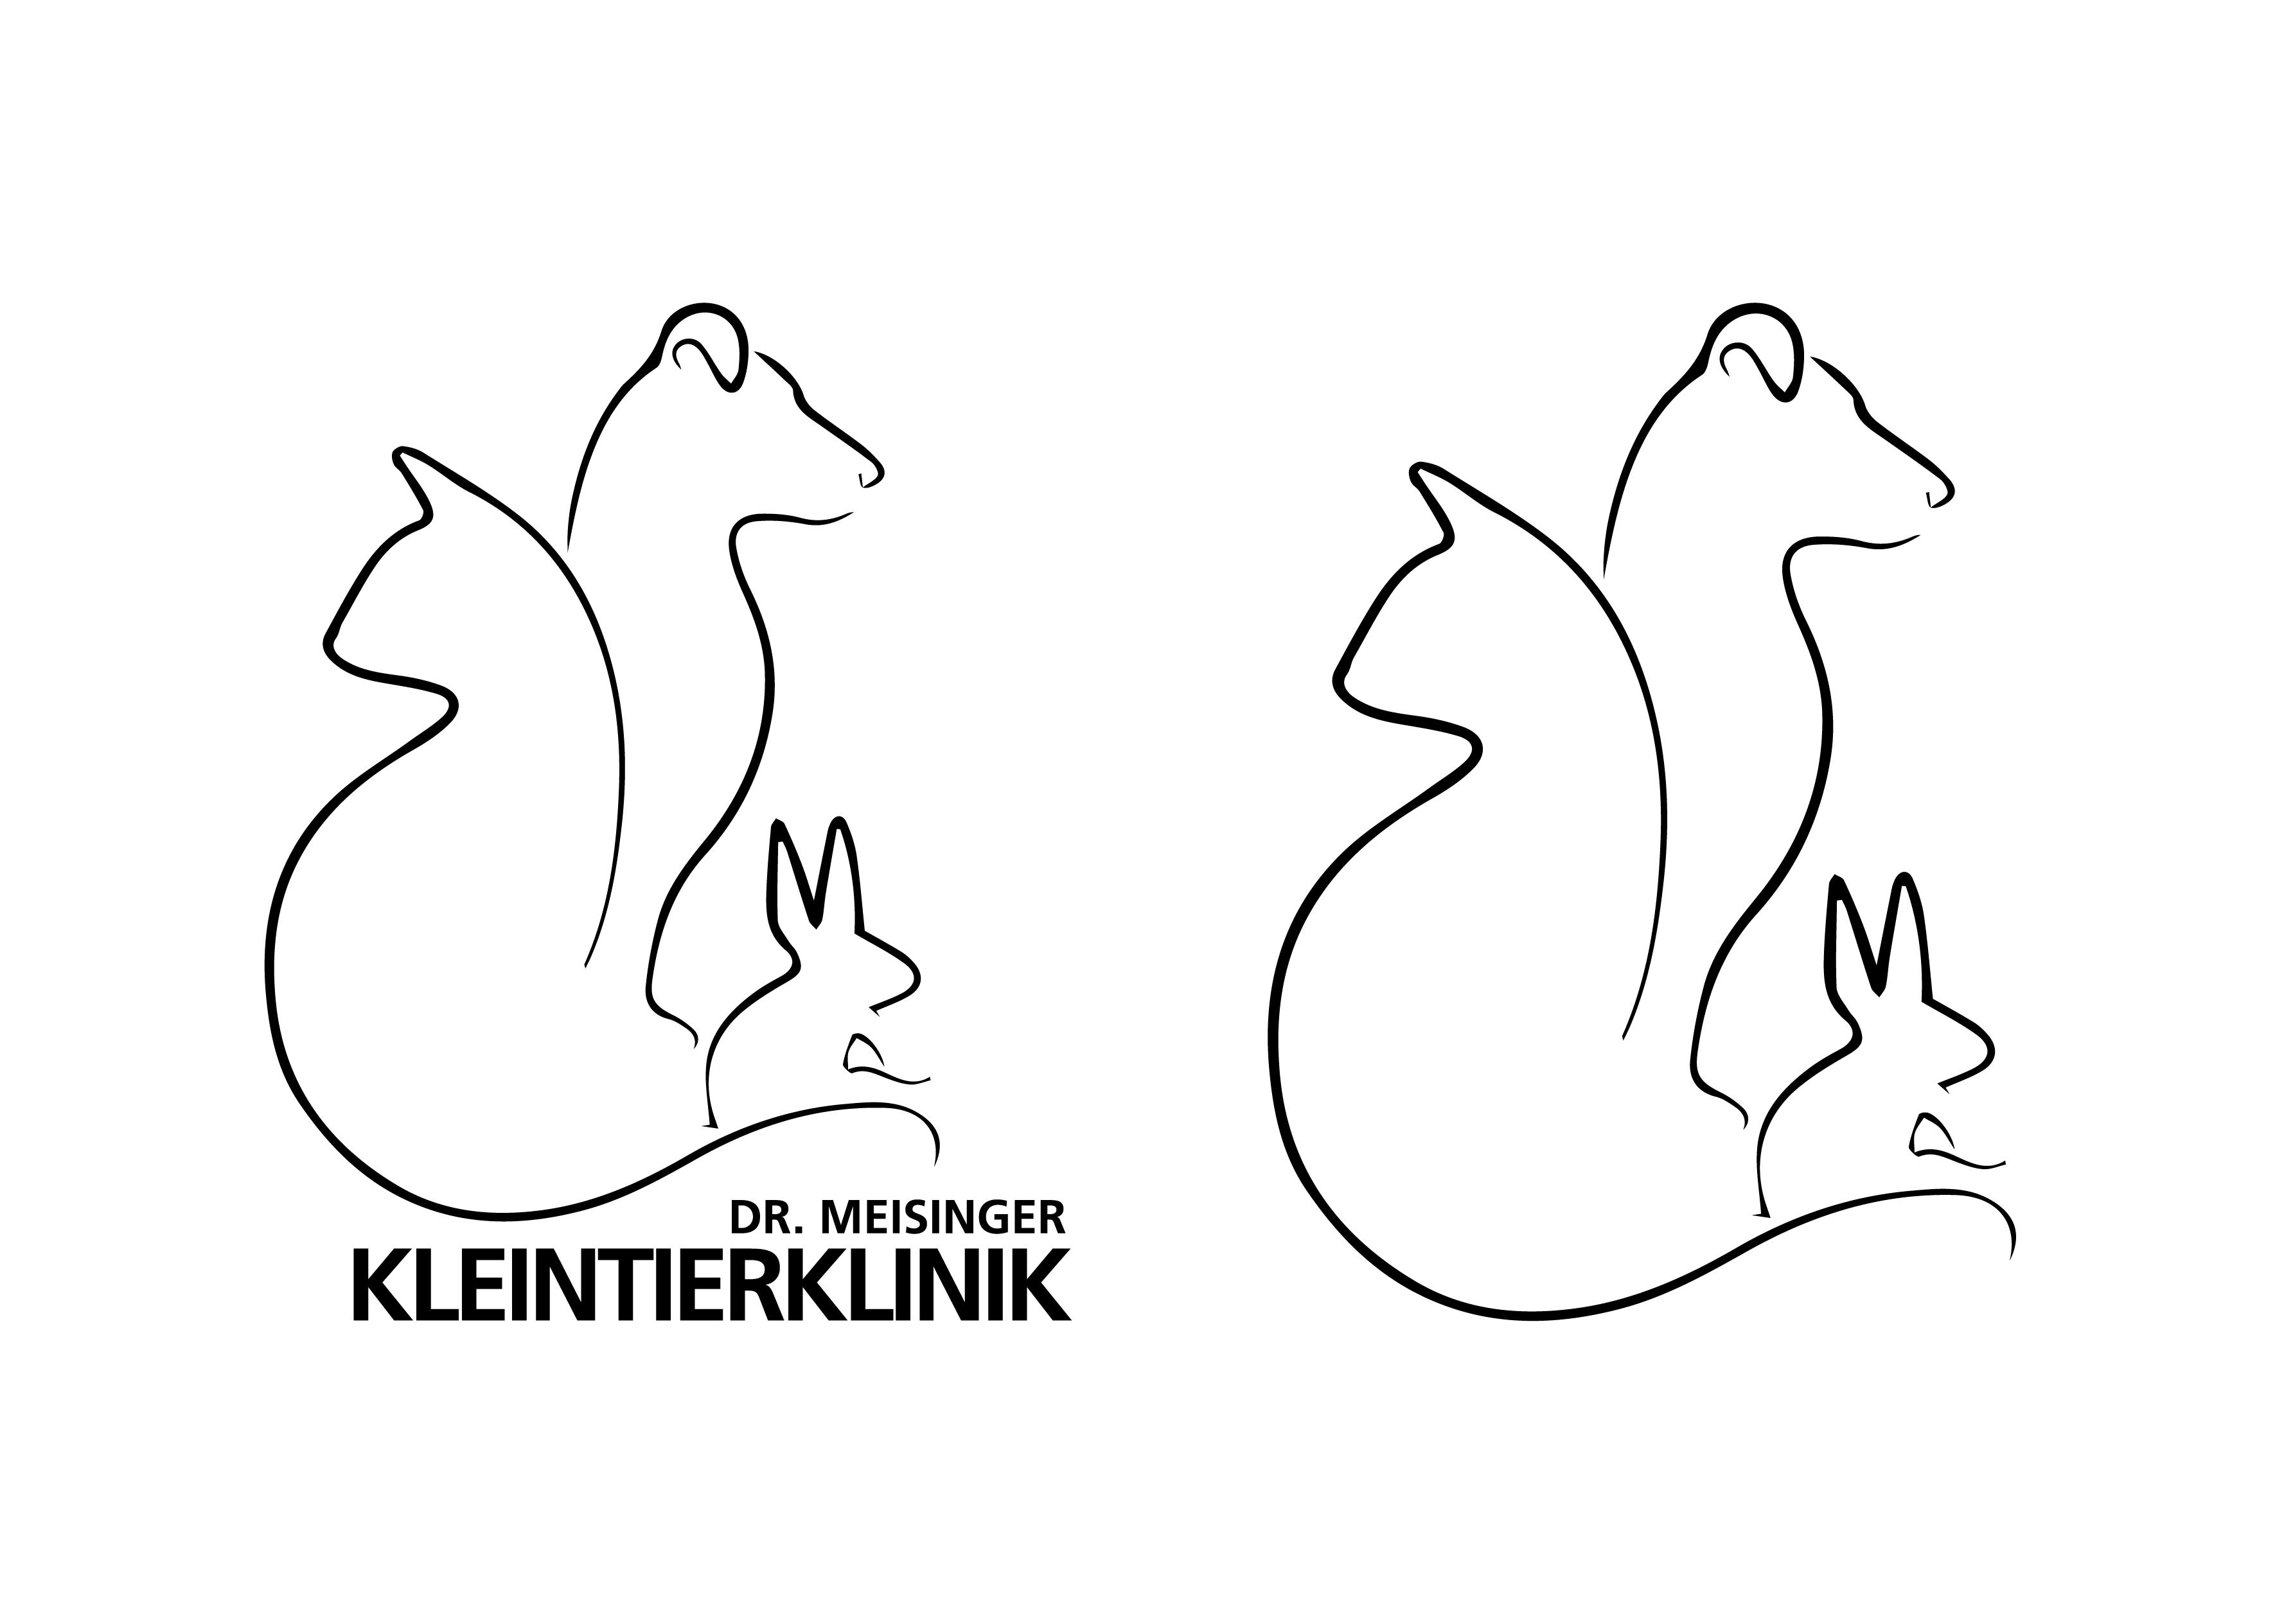 Alternativeslogo in SW für Fax uä - Kleintierklinik Dr. Meisinger